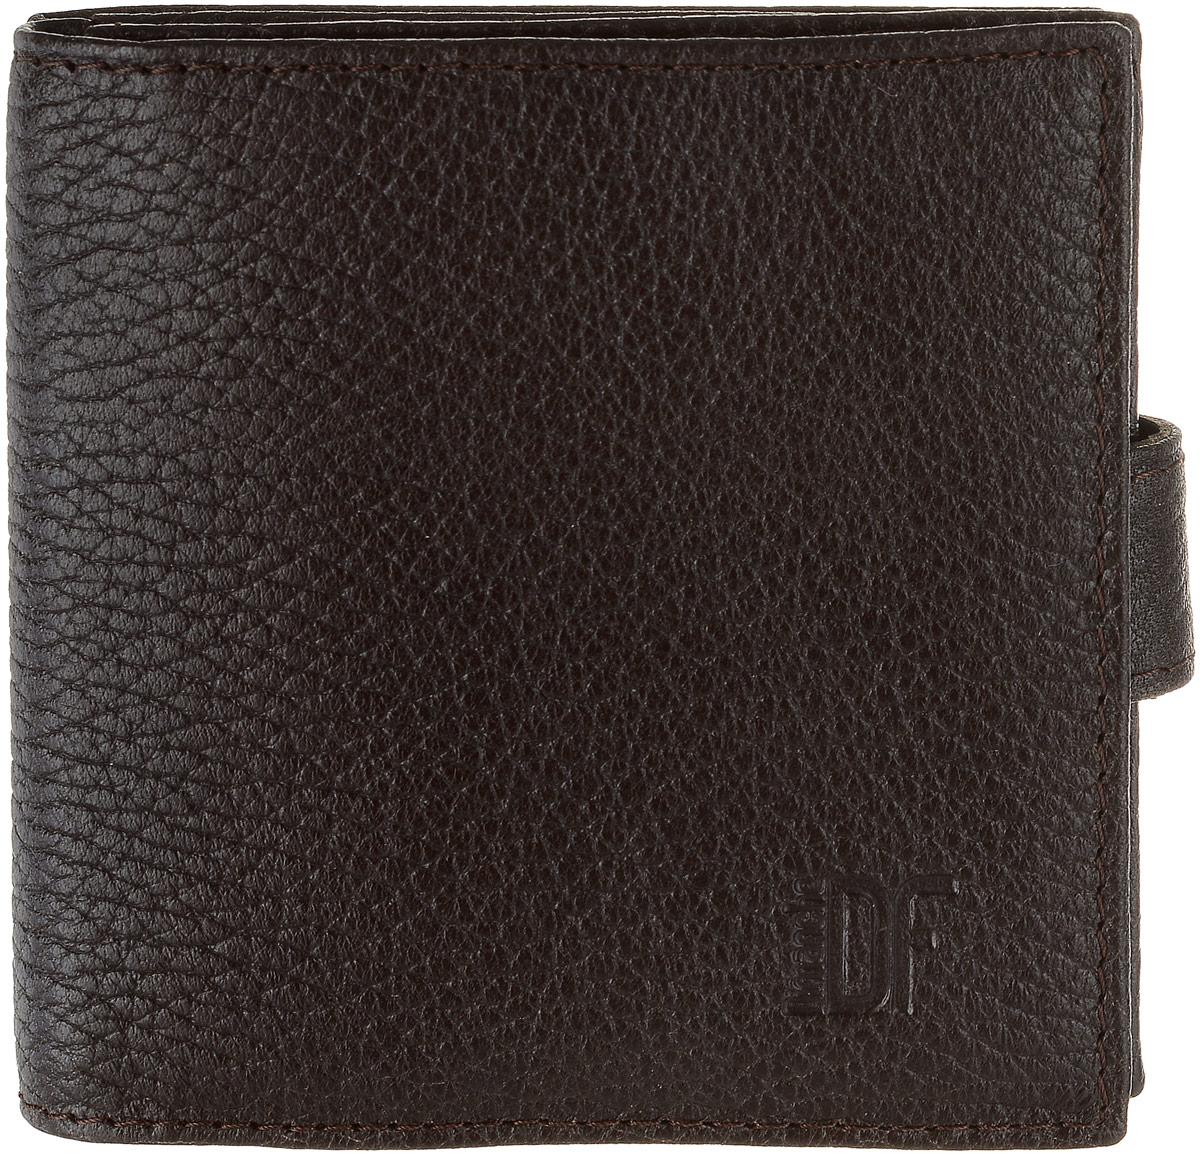 Кошелек мужской Dimanche Street Brun, цвет: темно-коричневый. 196196Стильный мужской кошелек Dimanche Street Brun изготовлен из натуральной высококачественной фактурной кожи. Он состоит из двух отделений. Одно закрывается на застежку-кнопку, внутри него находятся три кармашка для пластиковых карт и визиток, кармашек для мелких бумаг и карман для монет с клапаном на застежке-кнопке. Второе отделение имеет два кармана для купюр и закрывается хлястиком на магнитной кнопке. Между отделения имеется потайной кармашек. Стильный кошелек эффектно дополнит ваш образ и станет незаменимым аксессуаром. Упаковано изделие в фирменную картонную коробку.